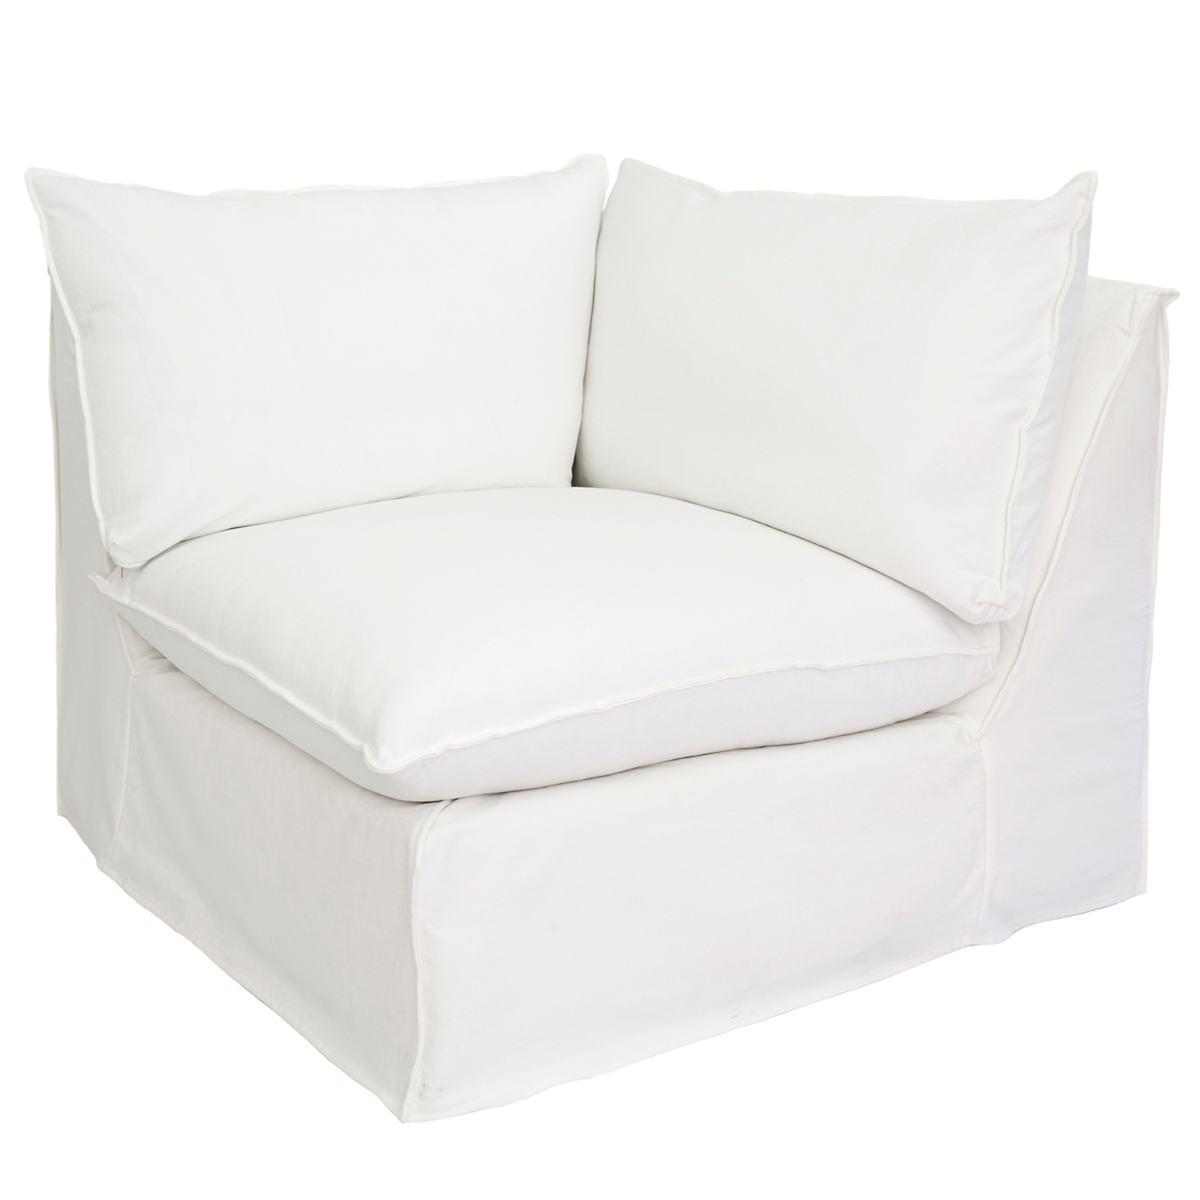 White Hollingsworth Slipcovered Corner Chair